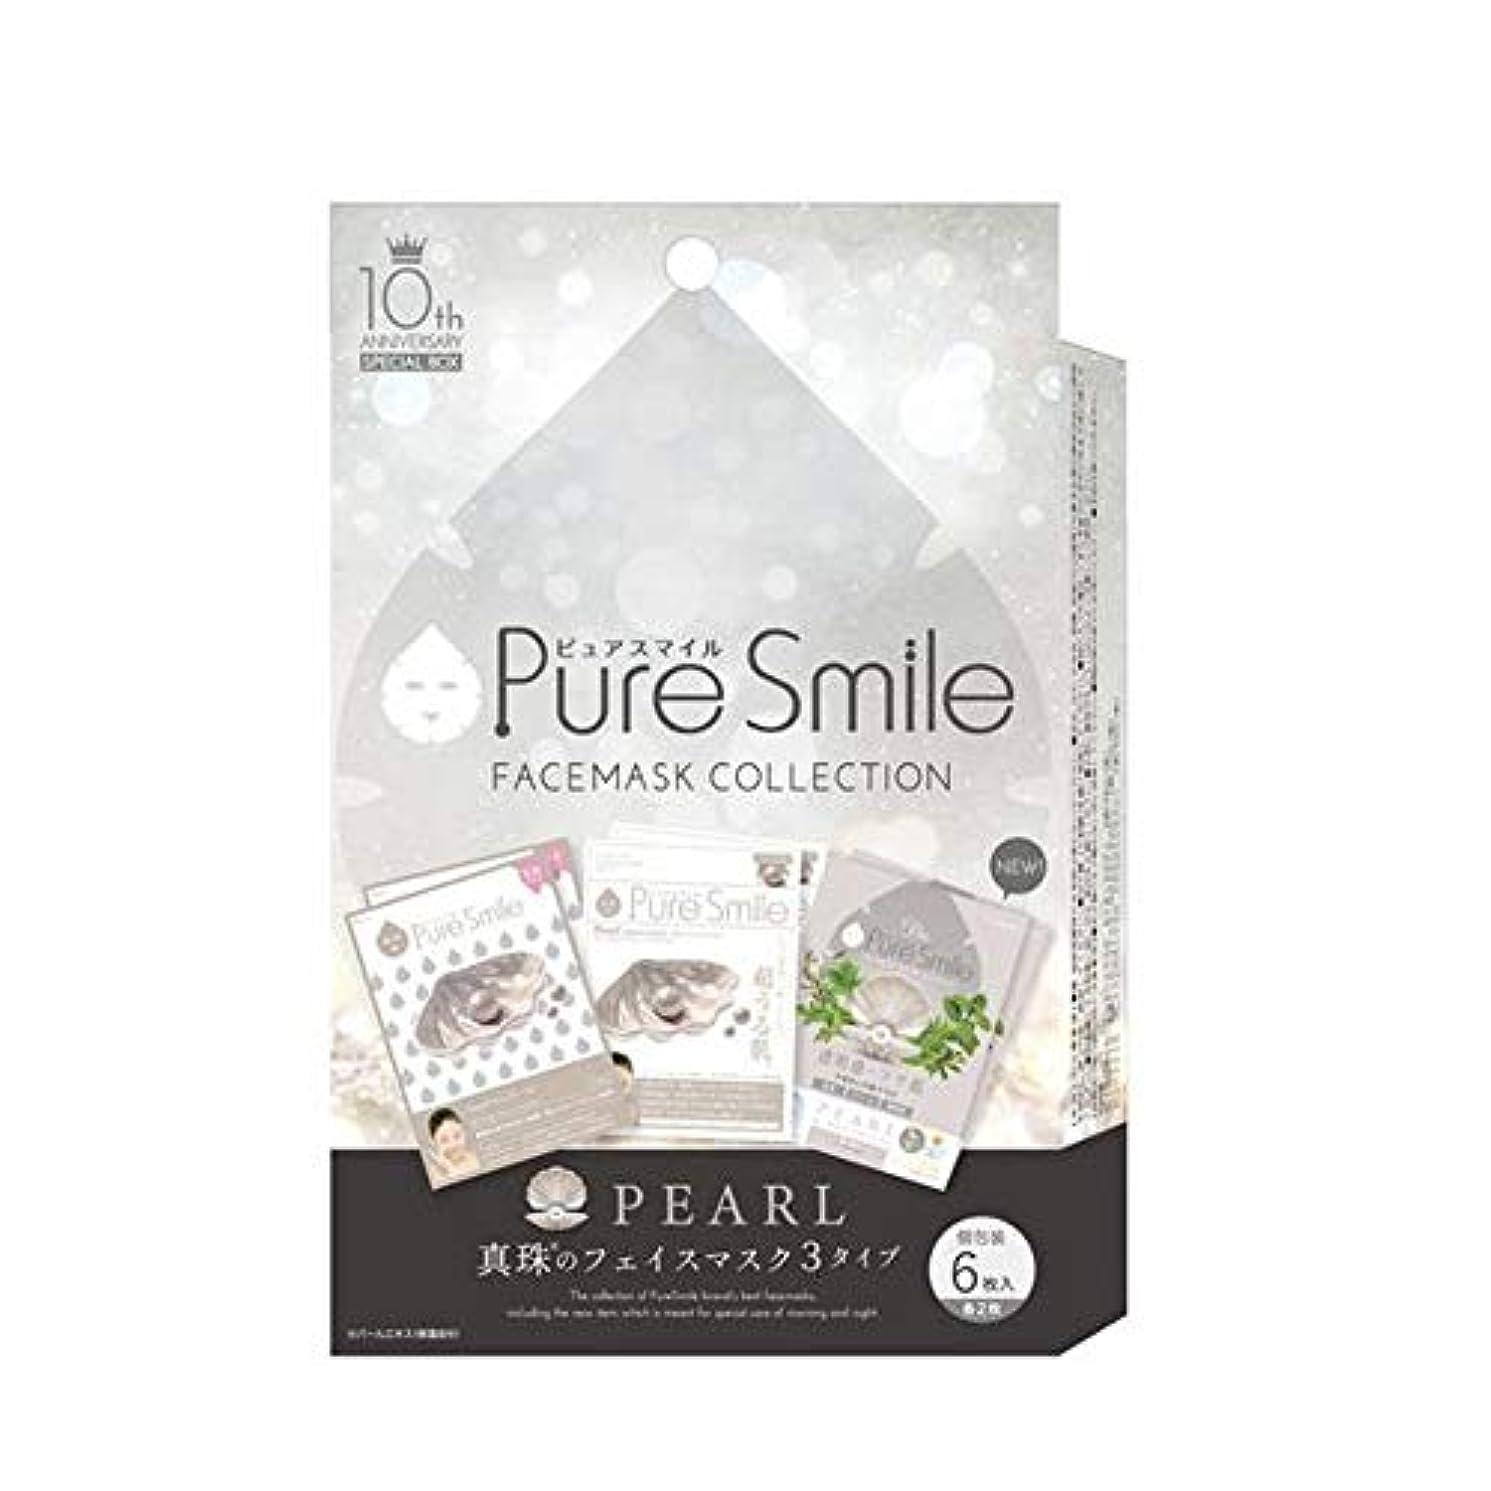 ピュア スマイル Pure Smile 10thアニバーサリー スペシャルボックス 真珠 6枚入り